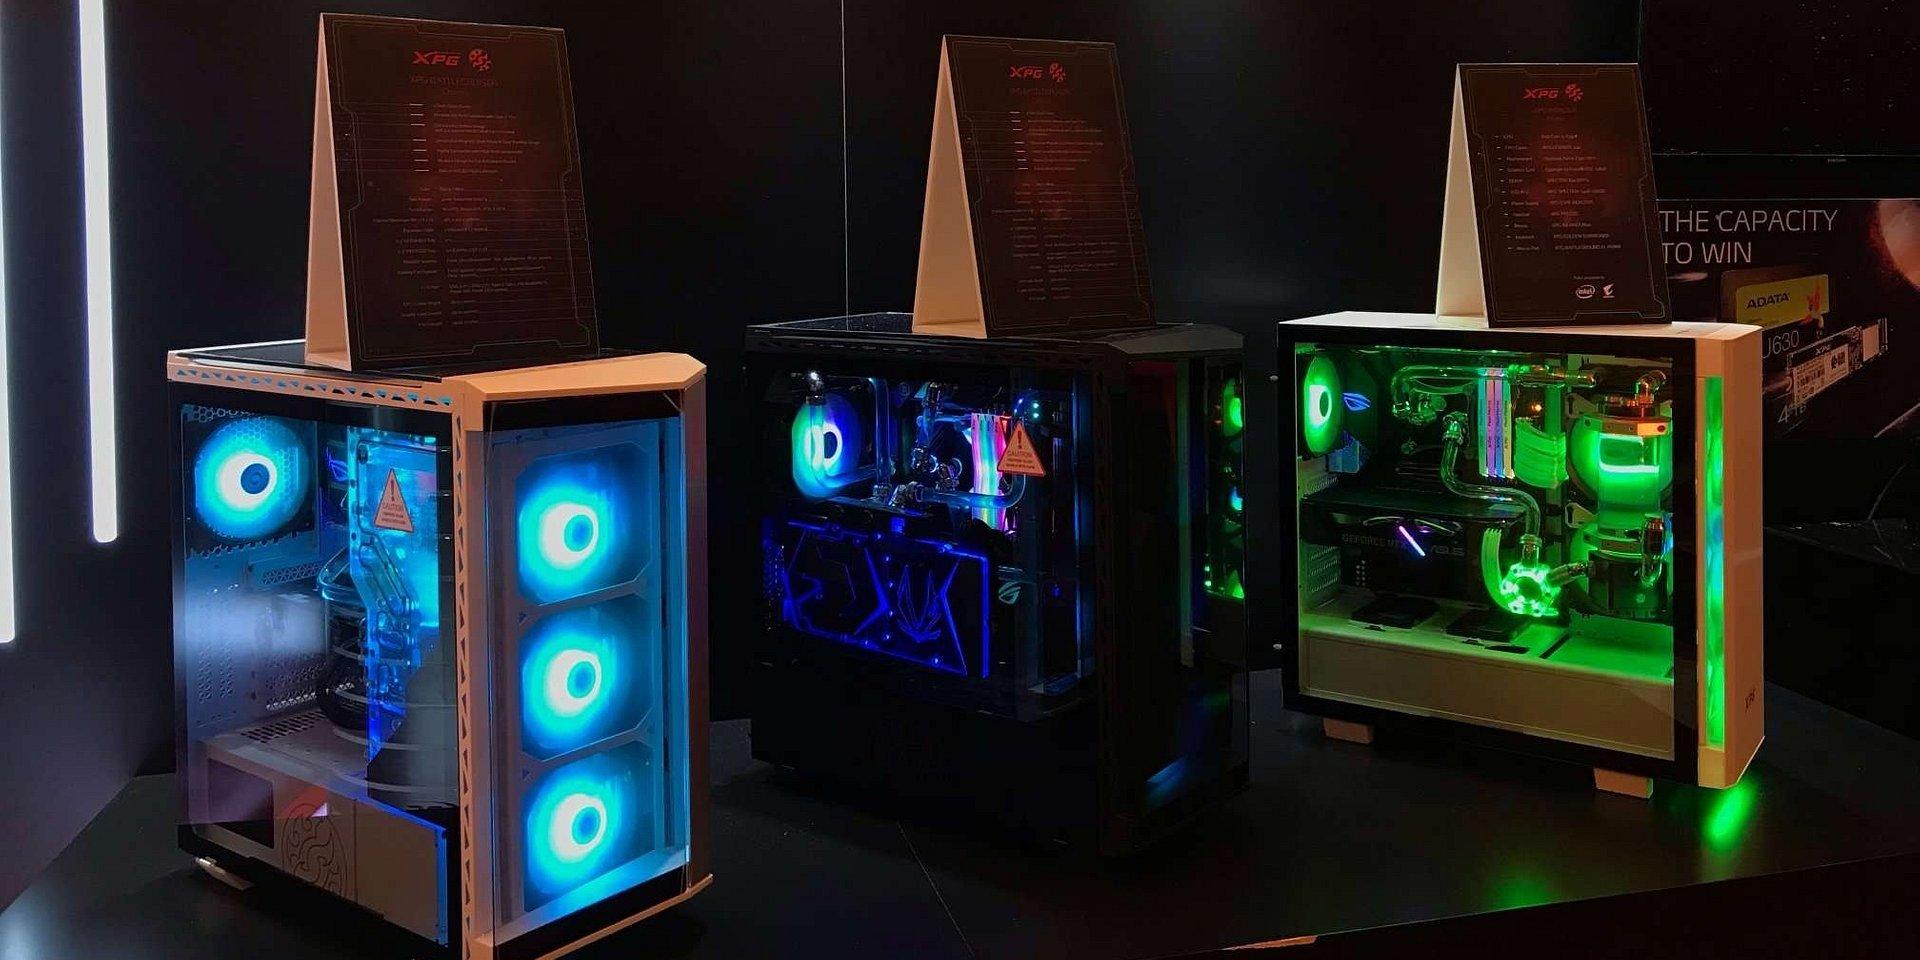 Kolejne nowości XPG z targów CES 2020 - laptop, monitor oraz akcesoria dla graczy